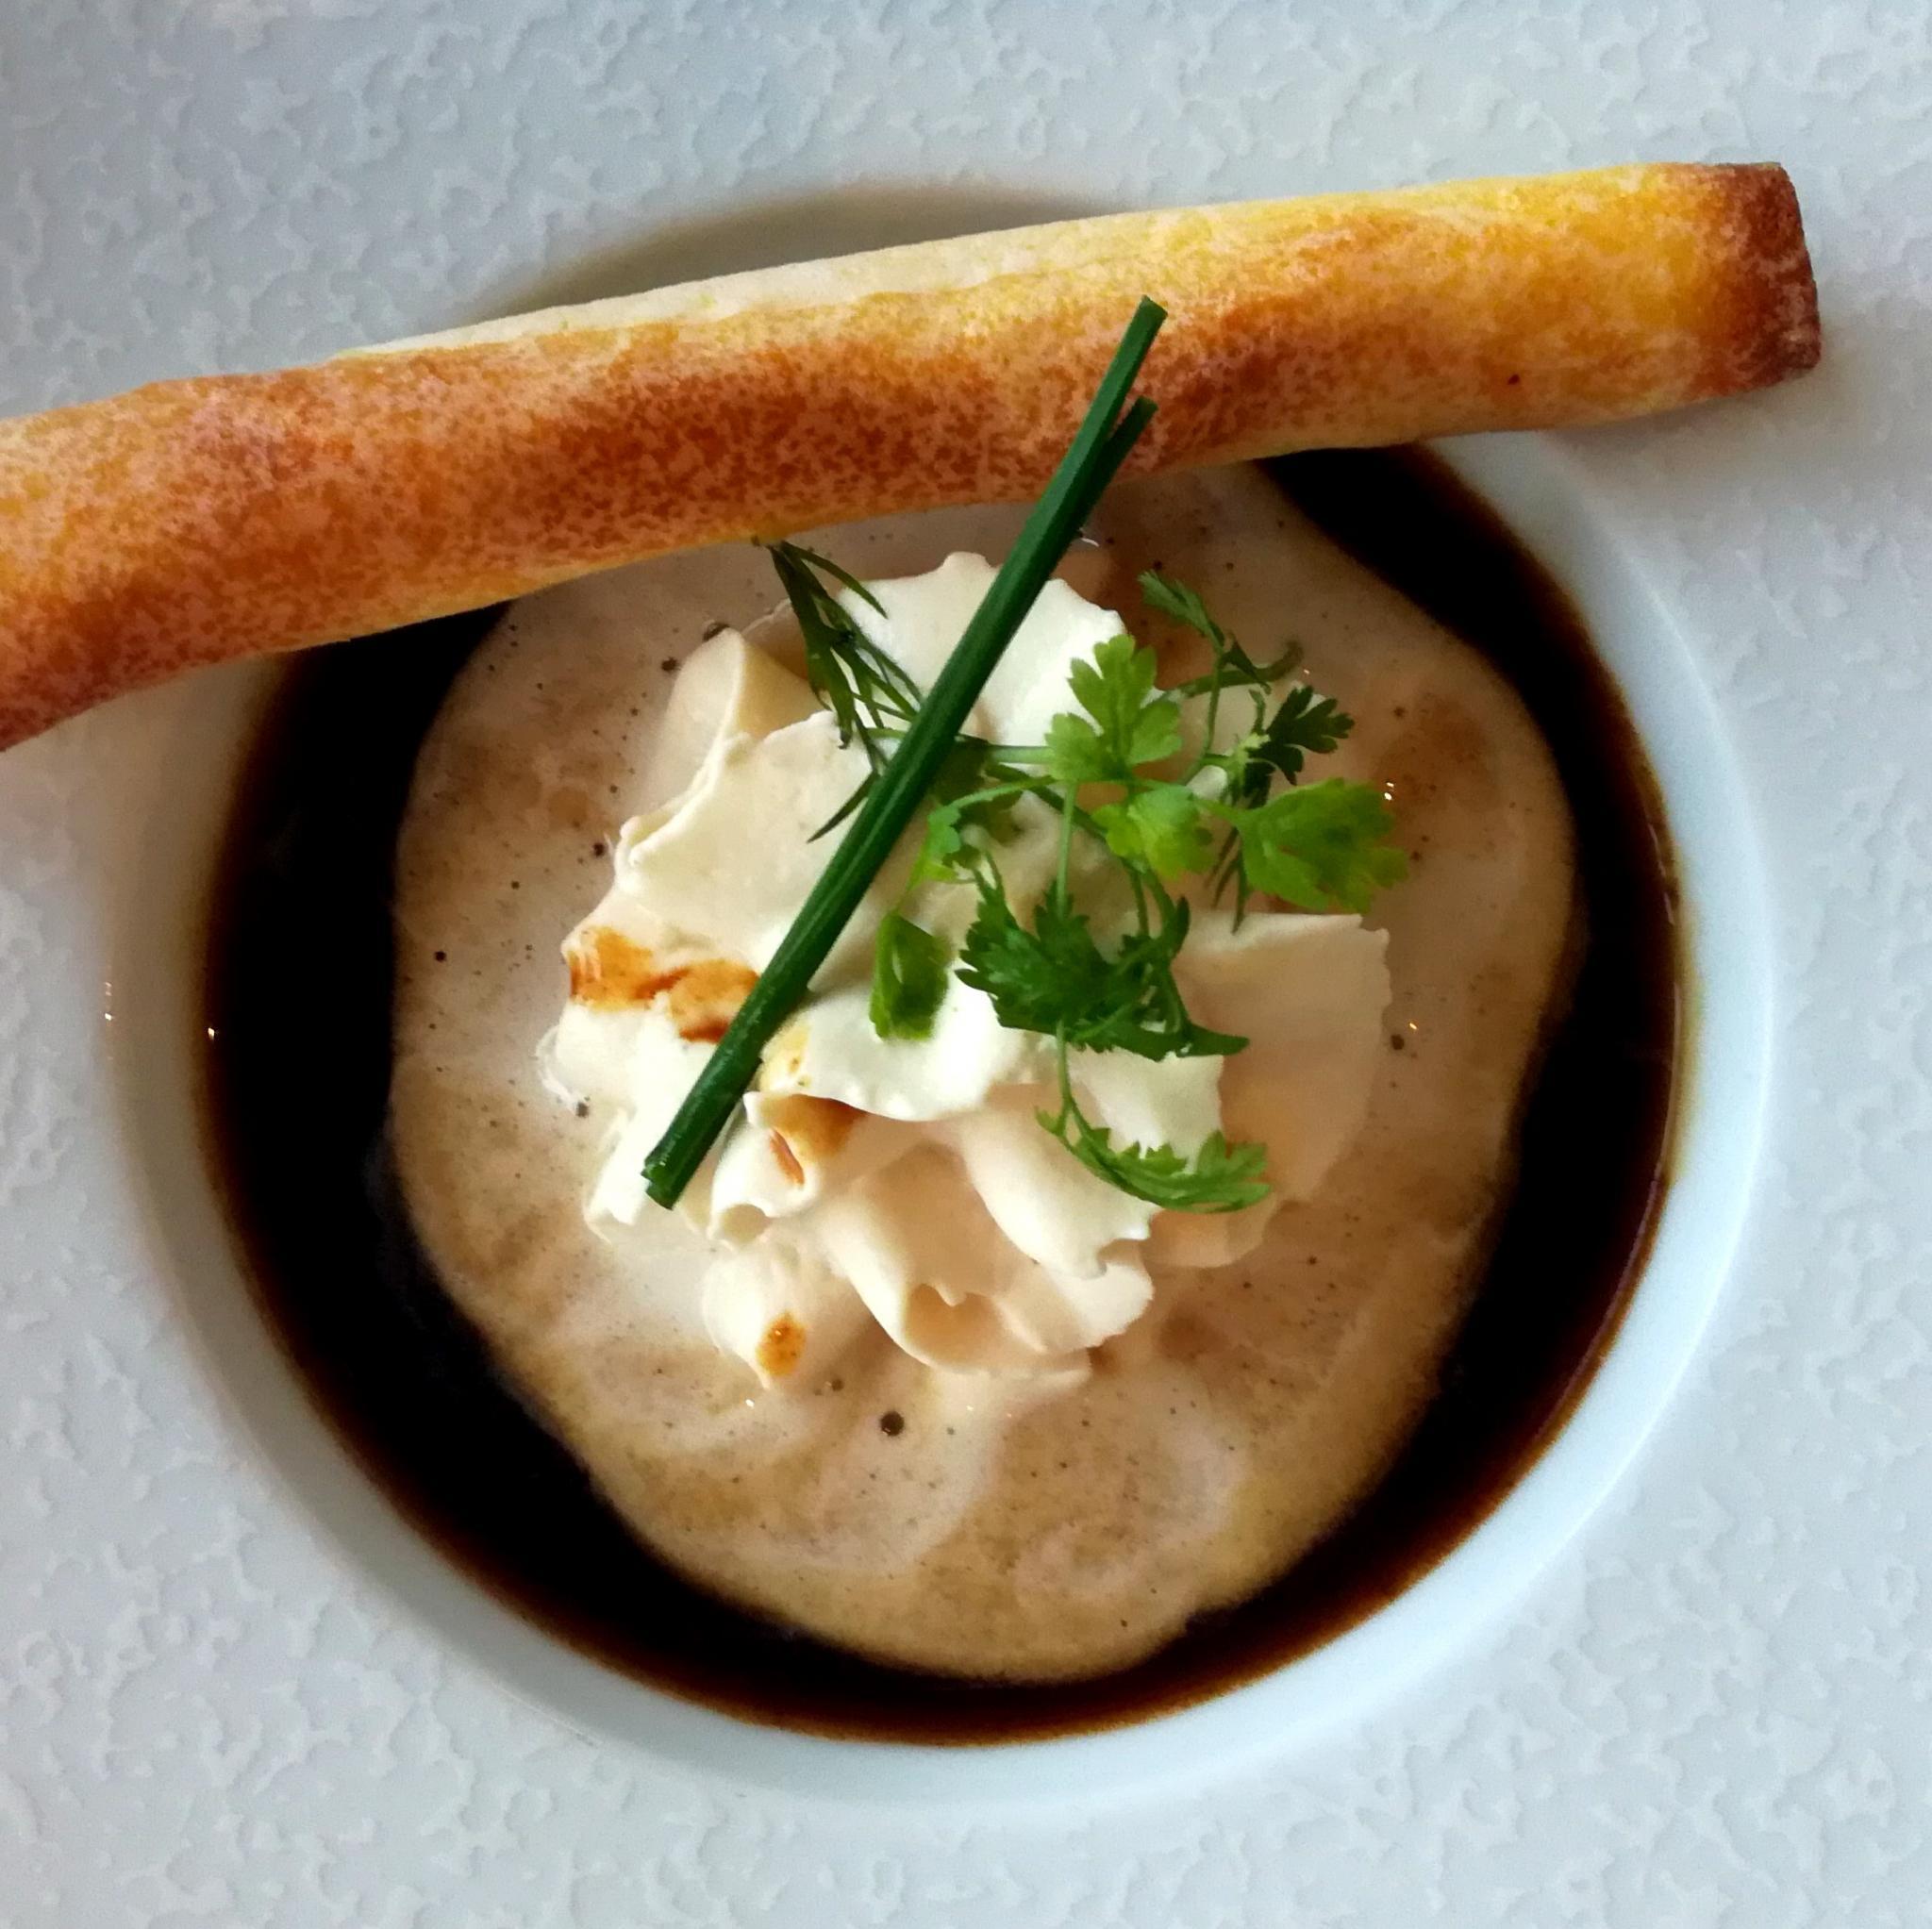 Soupe à l'oignon - restaurant de Cupelin à Saint-Gervais